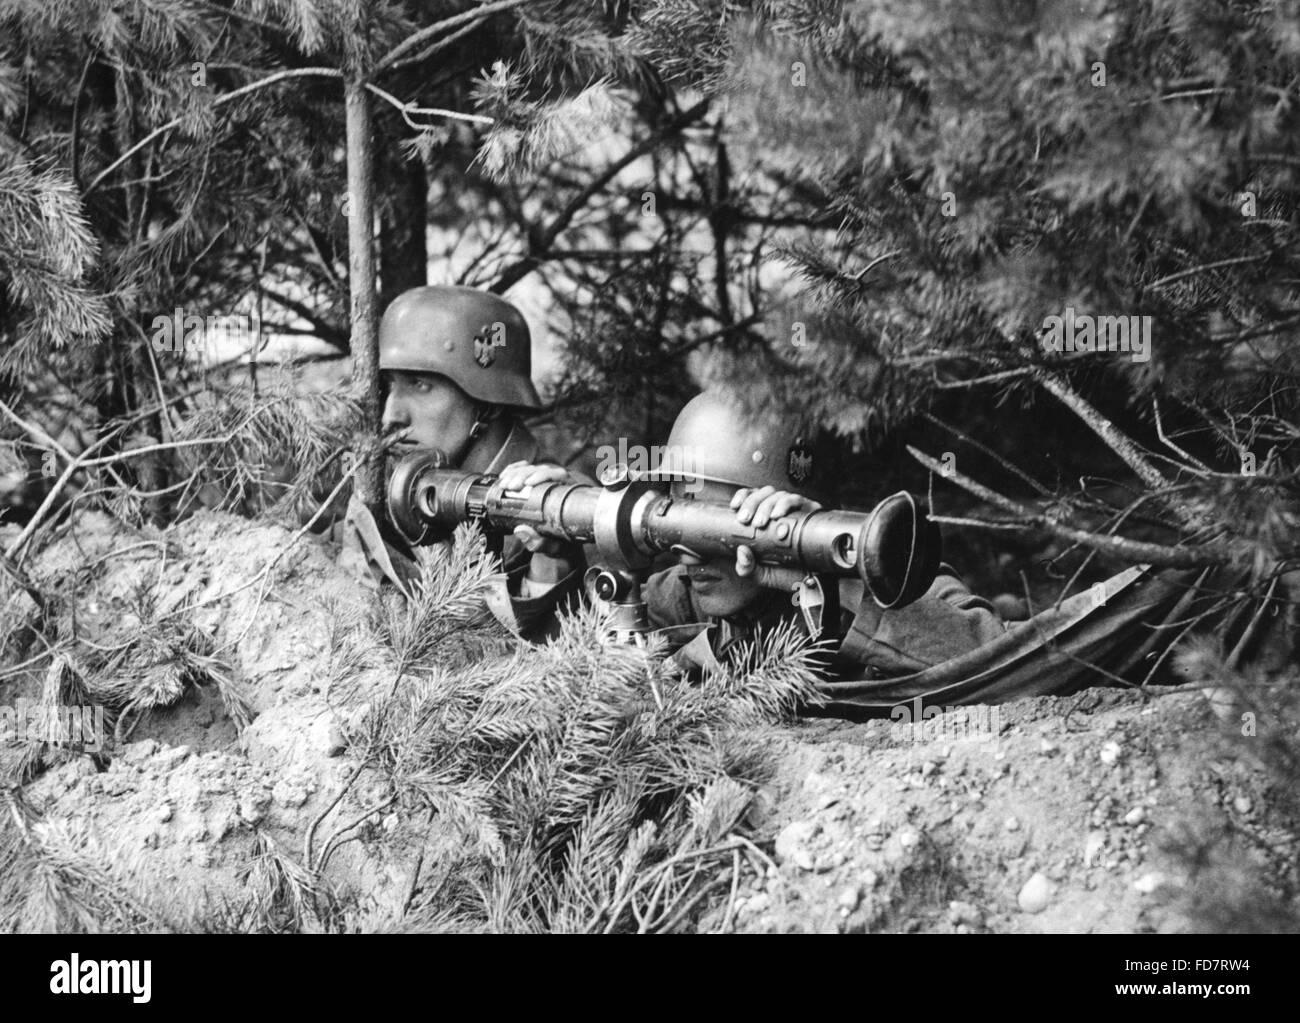 Entfernungsmesser Gewehr : Artilerie entfernungsmesser waffen schweizer armee military